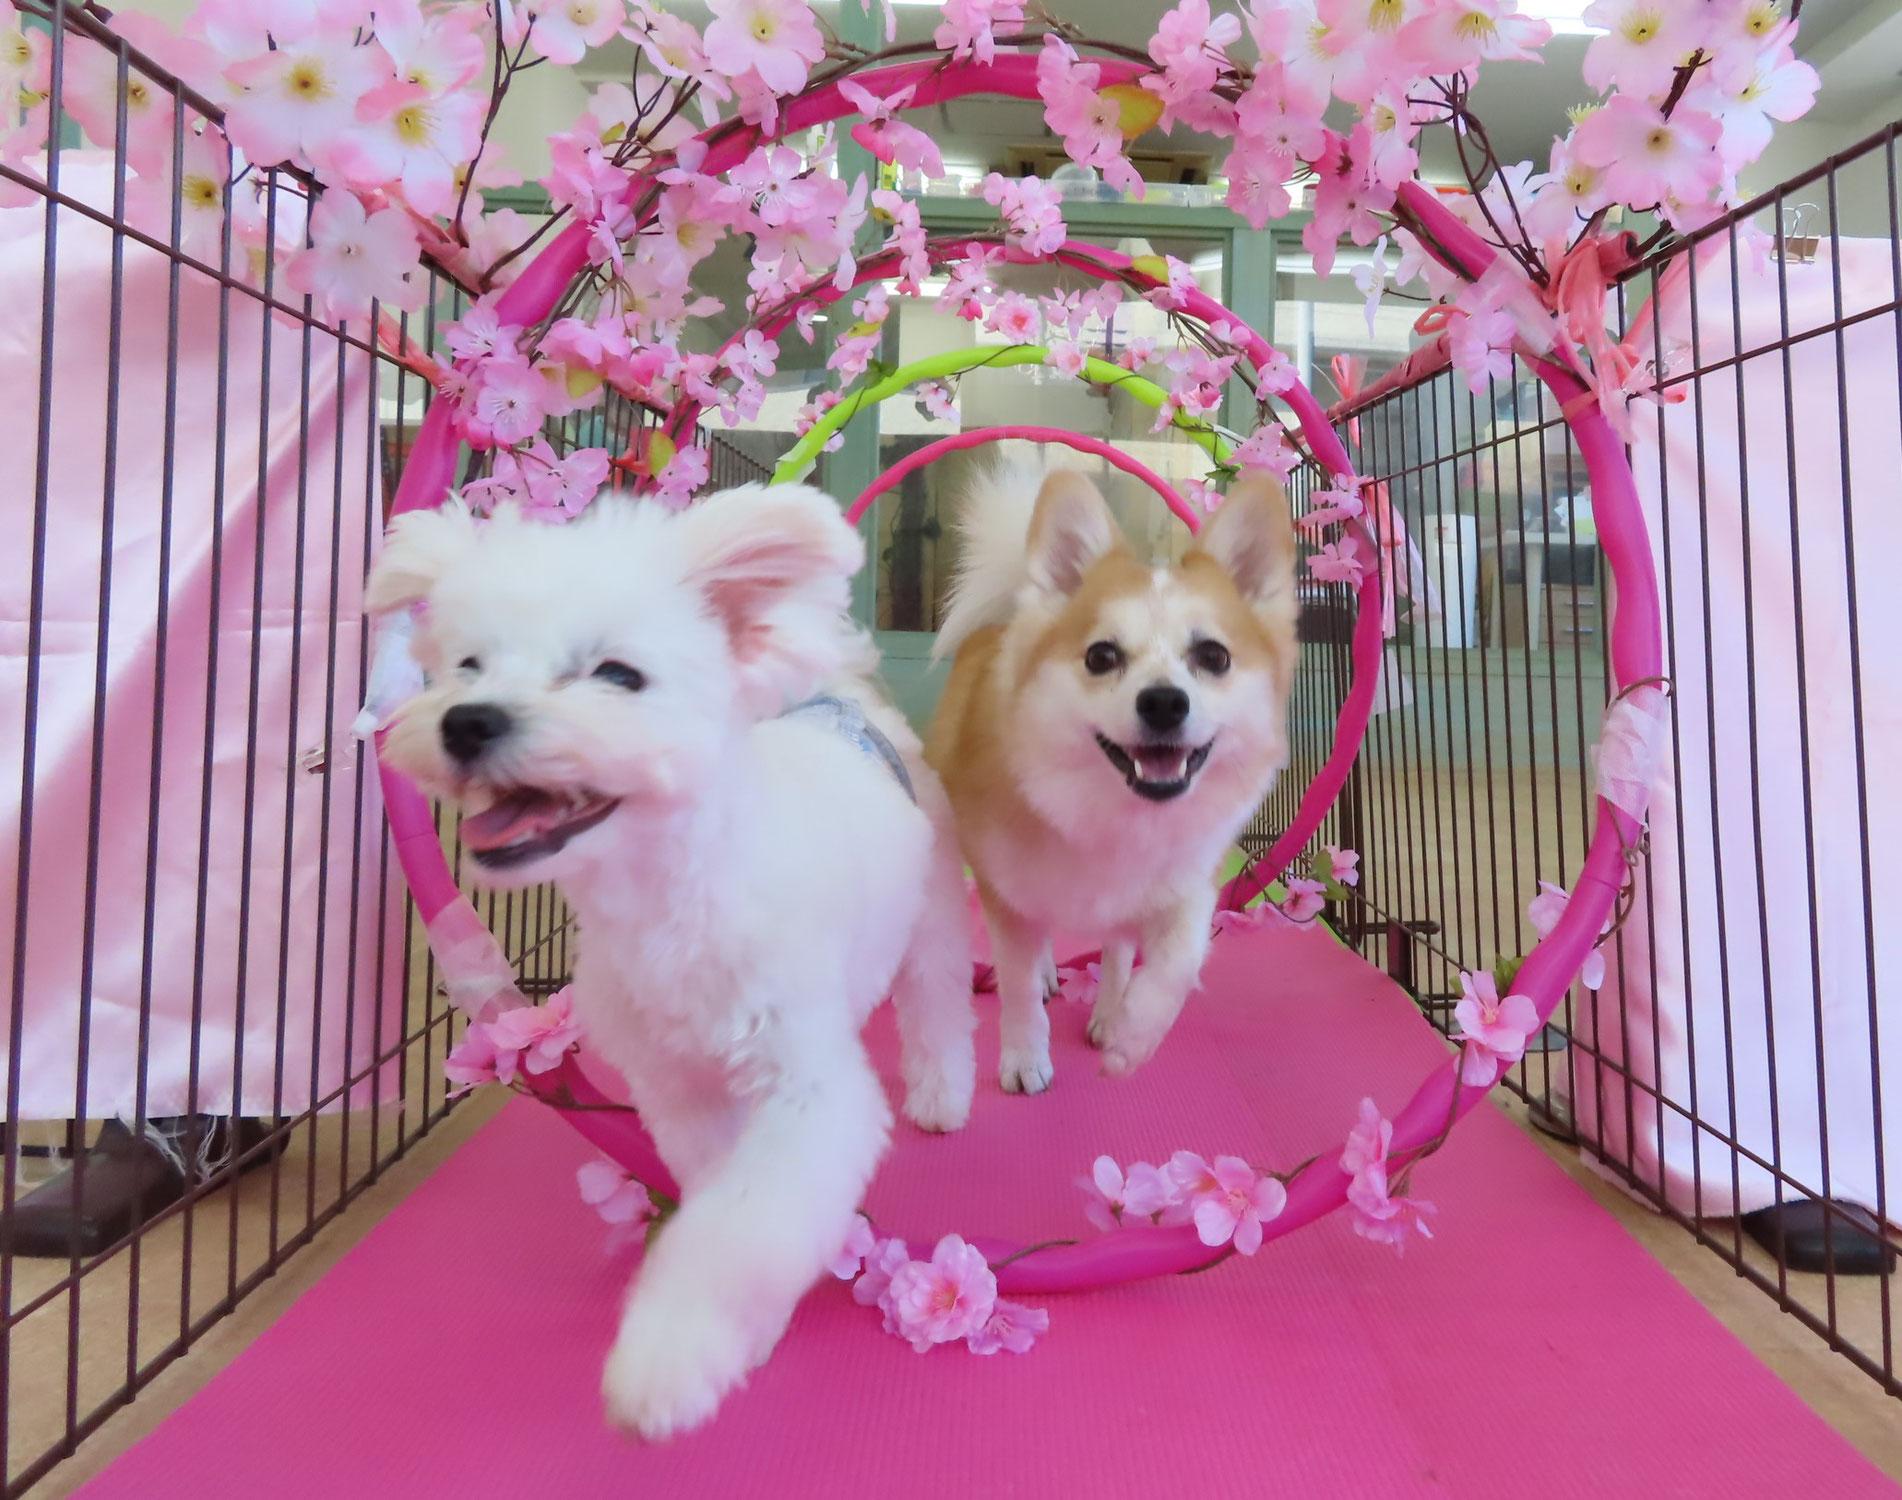 愛犬と一緒にお花見に行こう🌸  犬のしつけ教室@アロハドギー